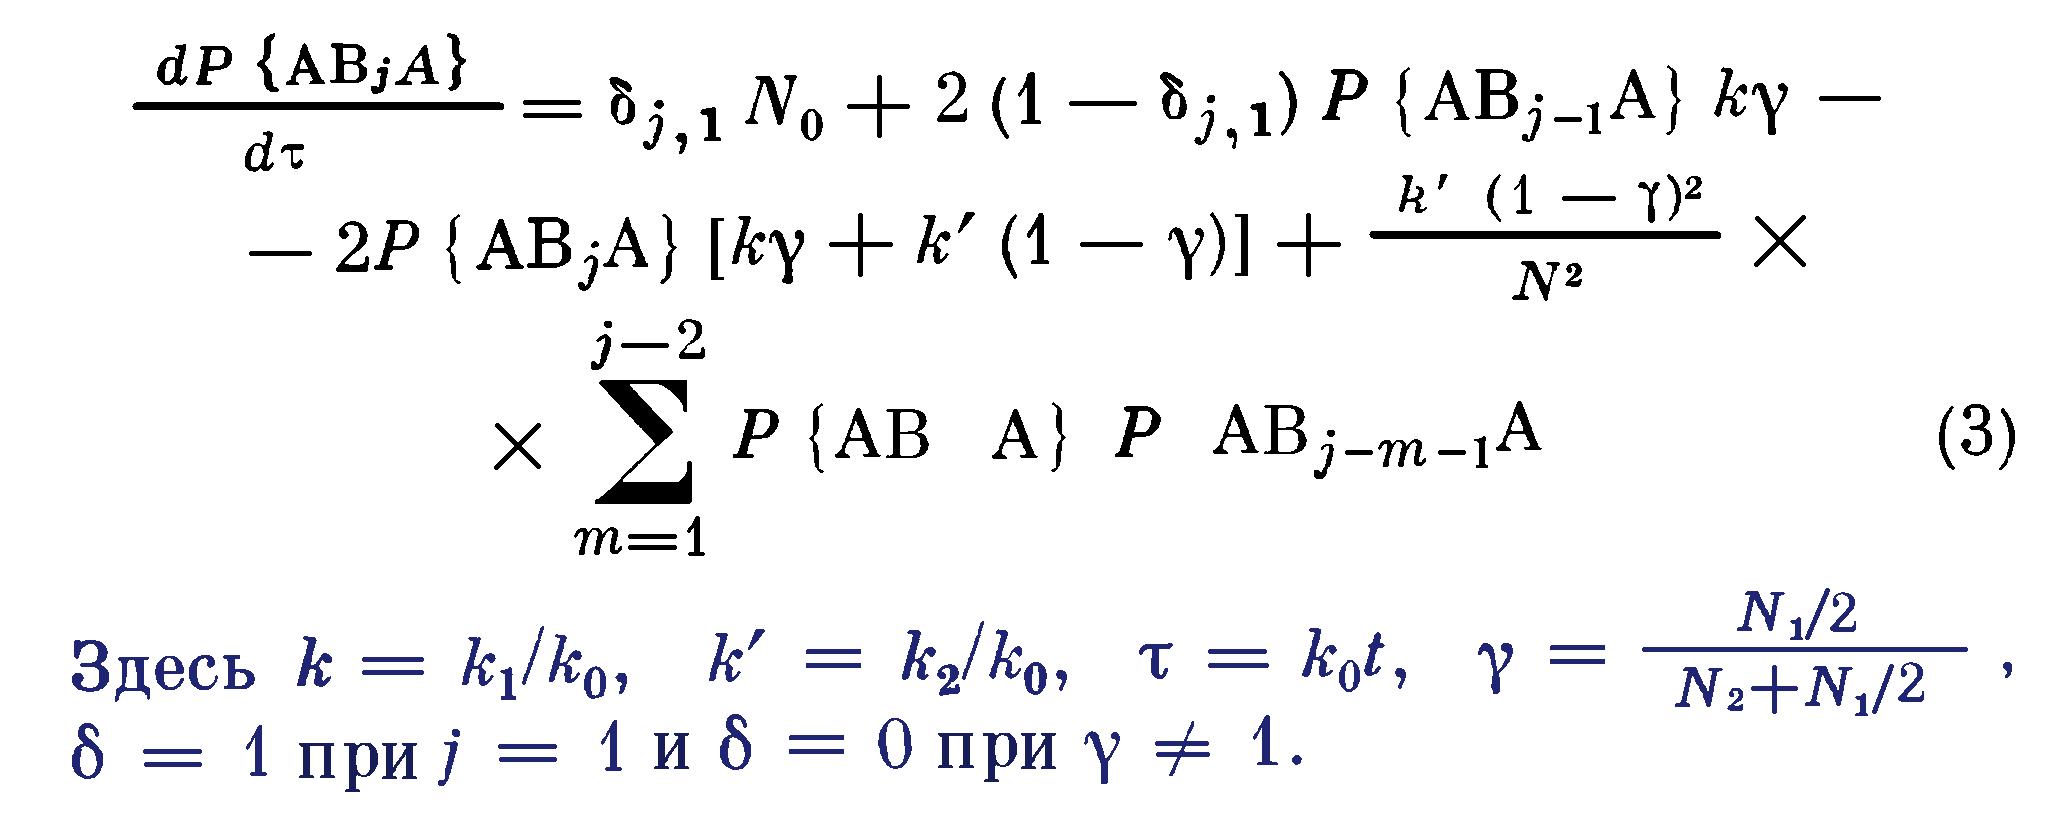 кинетика полимераналогичных превращений уравнение 3